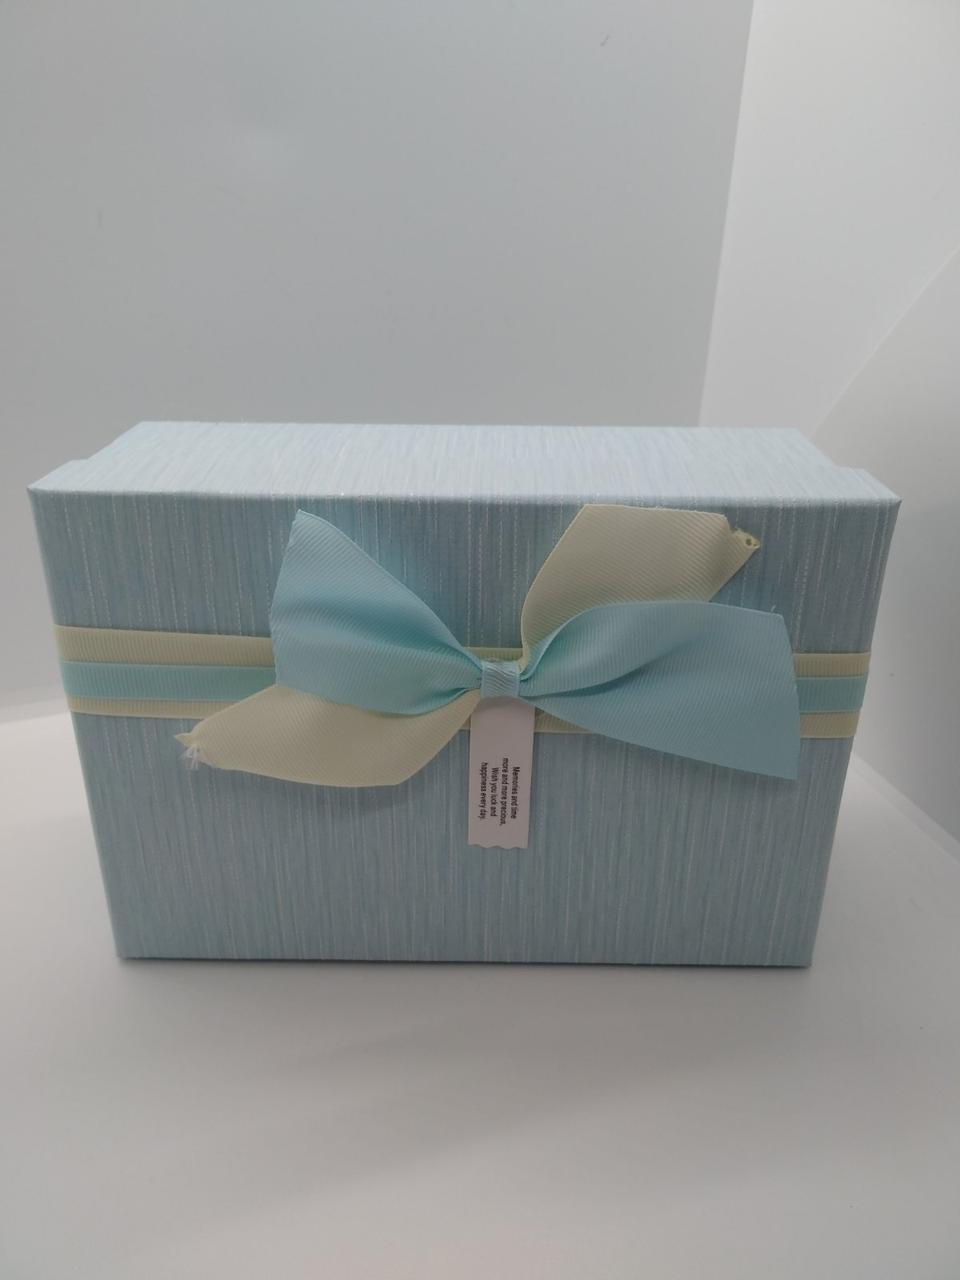 Подарочная коробка с крышкой прямоугольная голубая  ( 17.5 х 12 х 6.5 см) маленькая